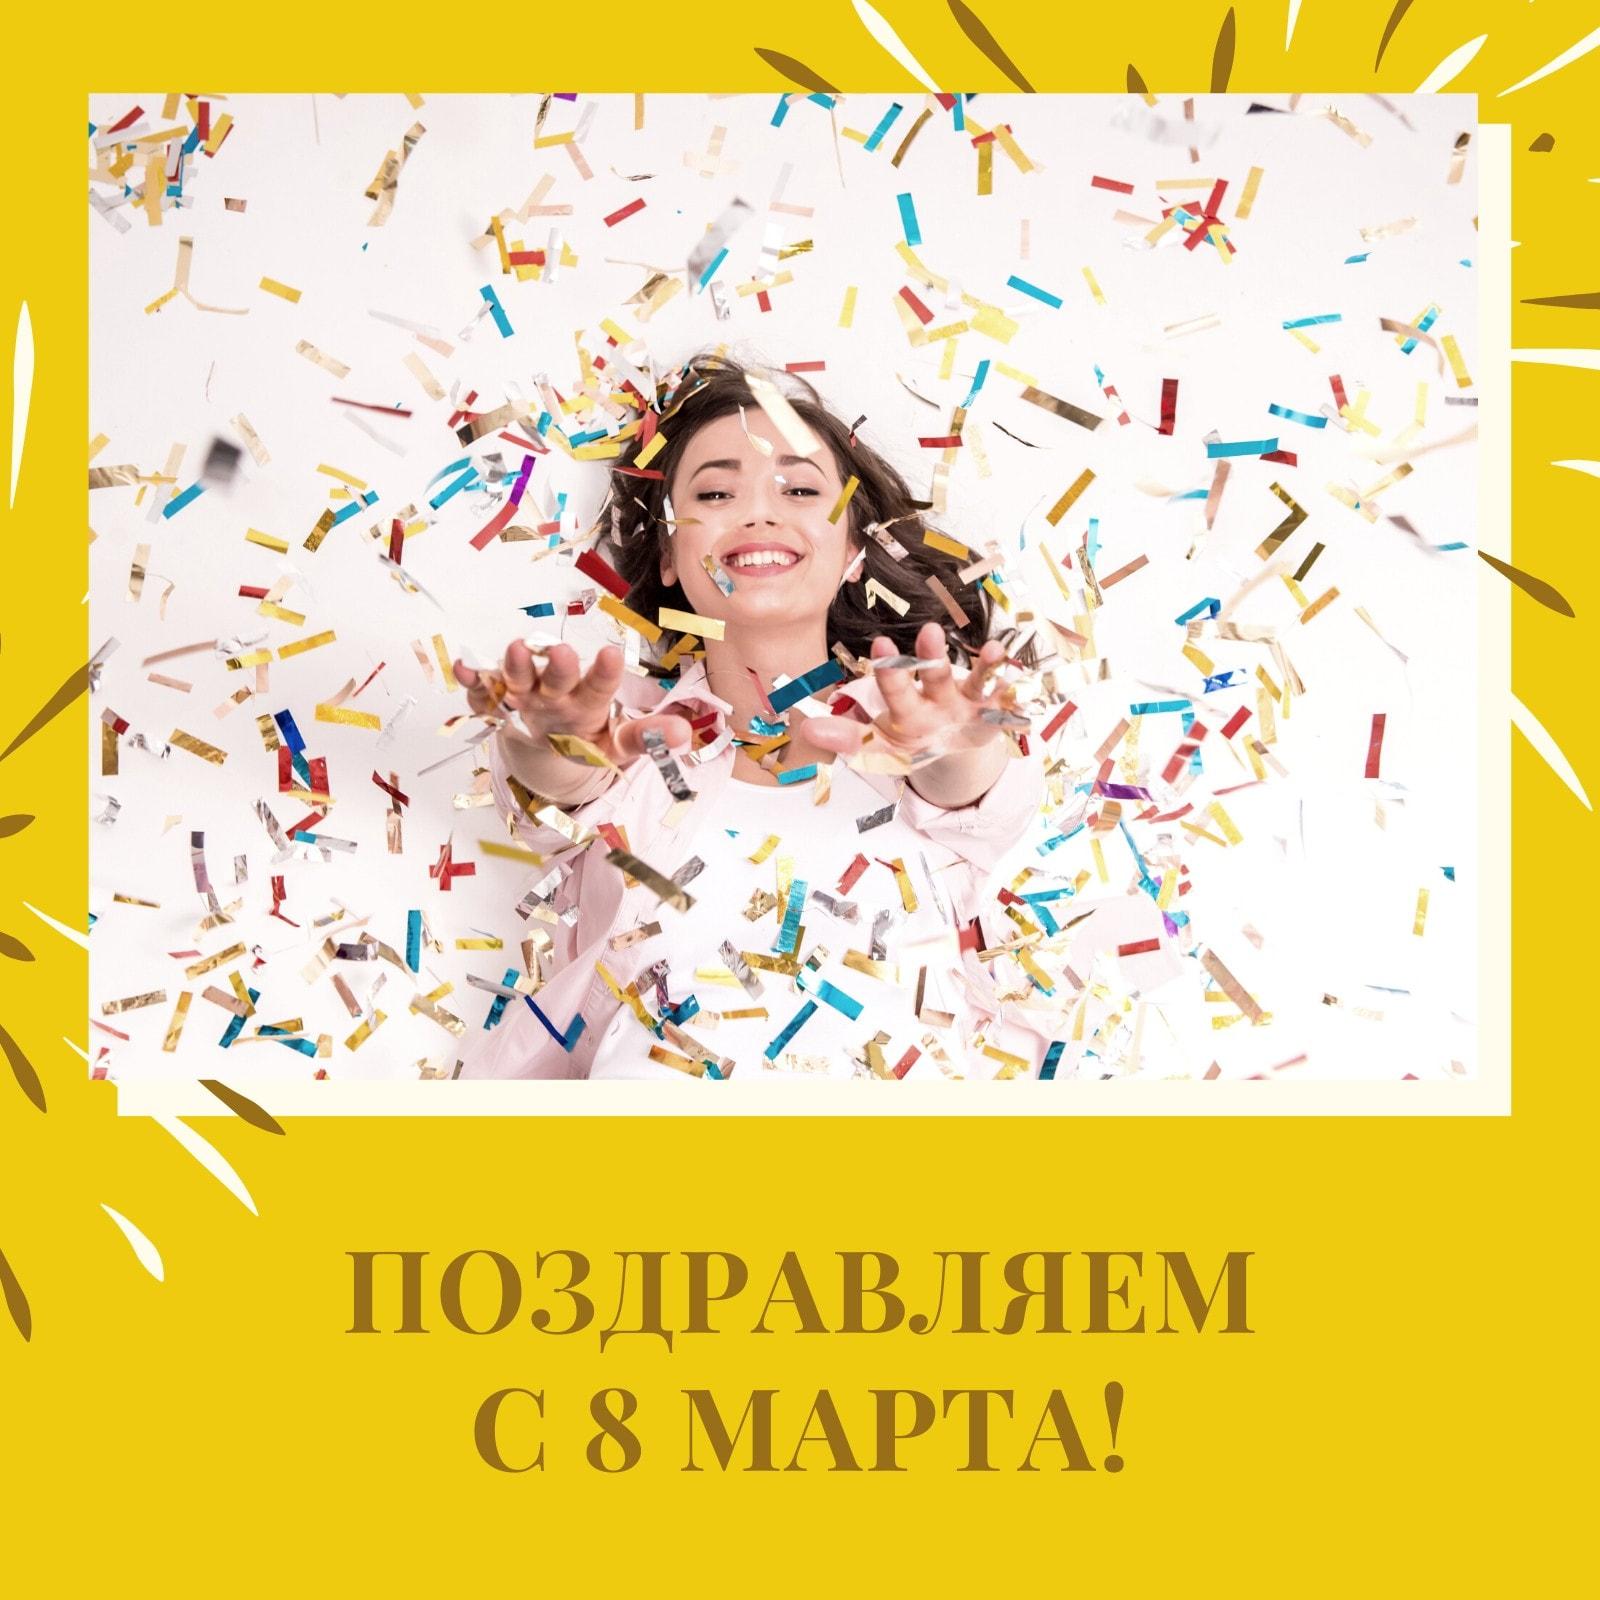 Пост для Инстаграма к 8 марта с фото веселой девушки и желтым фоном